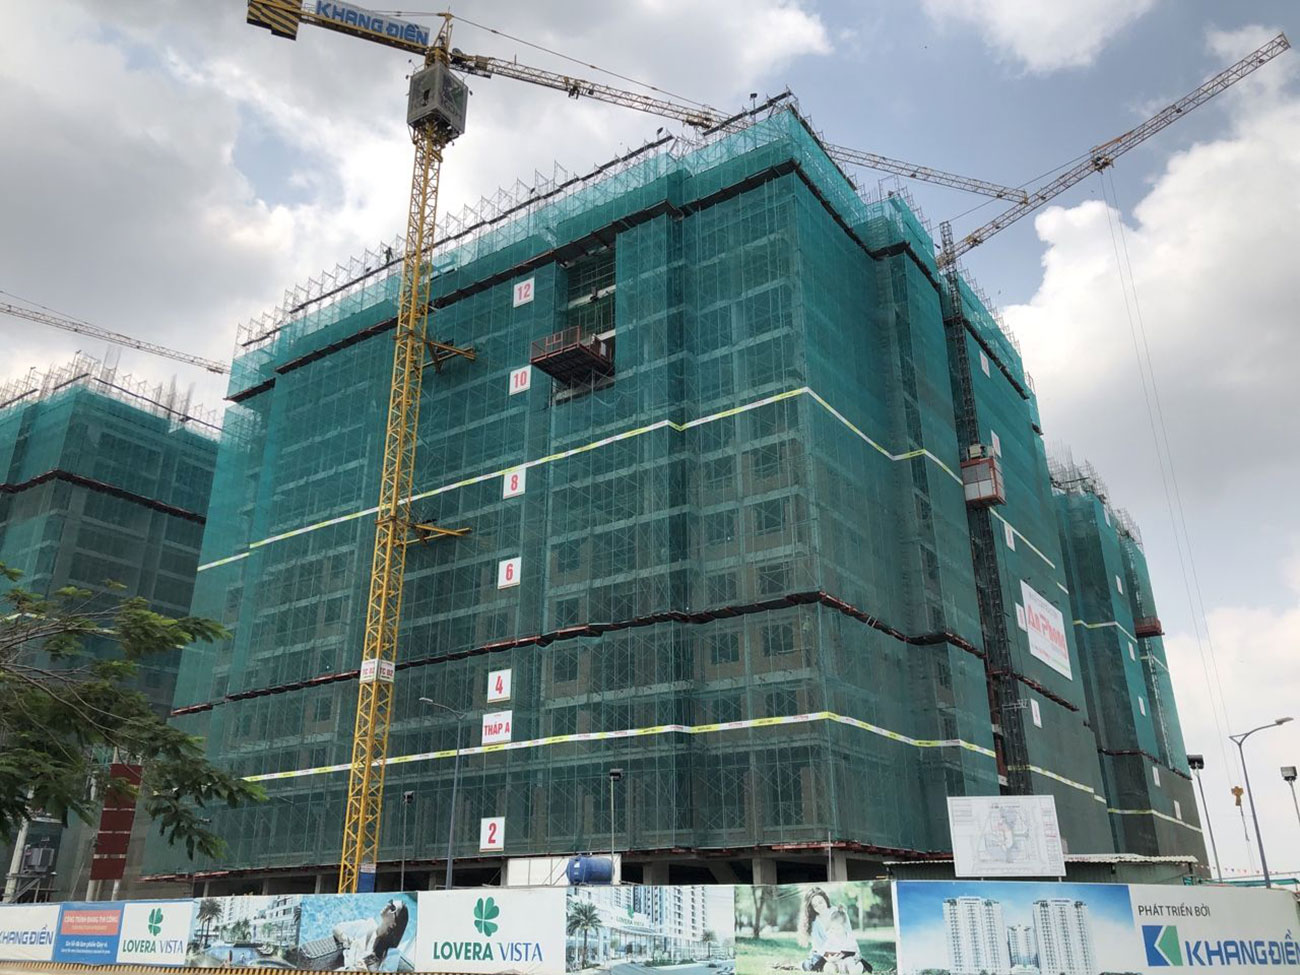 Tiến độ xây dựng căn hộ dự án Lovera Vista tháng 02/2020 – Nhận ký gửi mua bán + Cho thuê